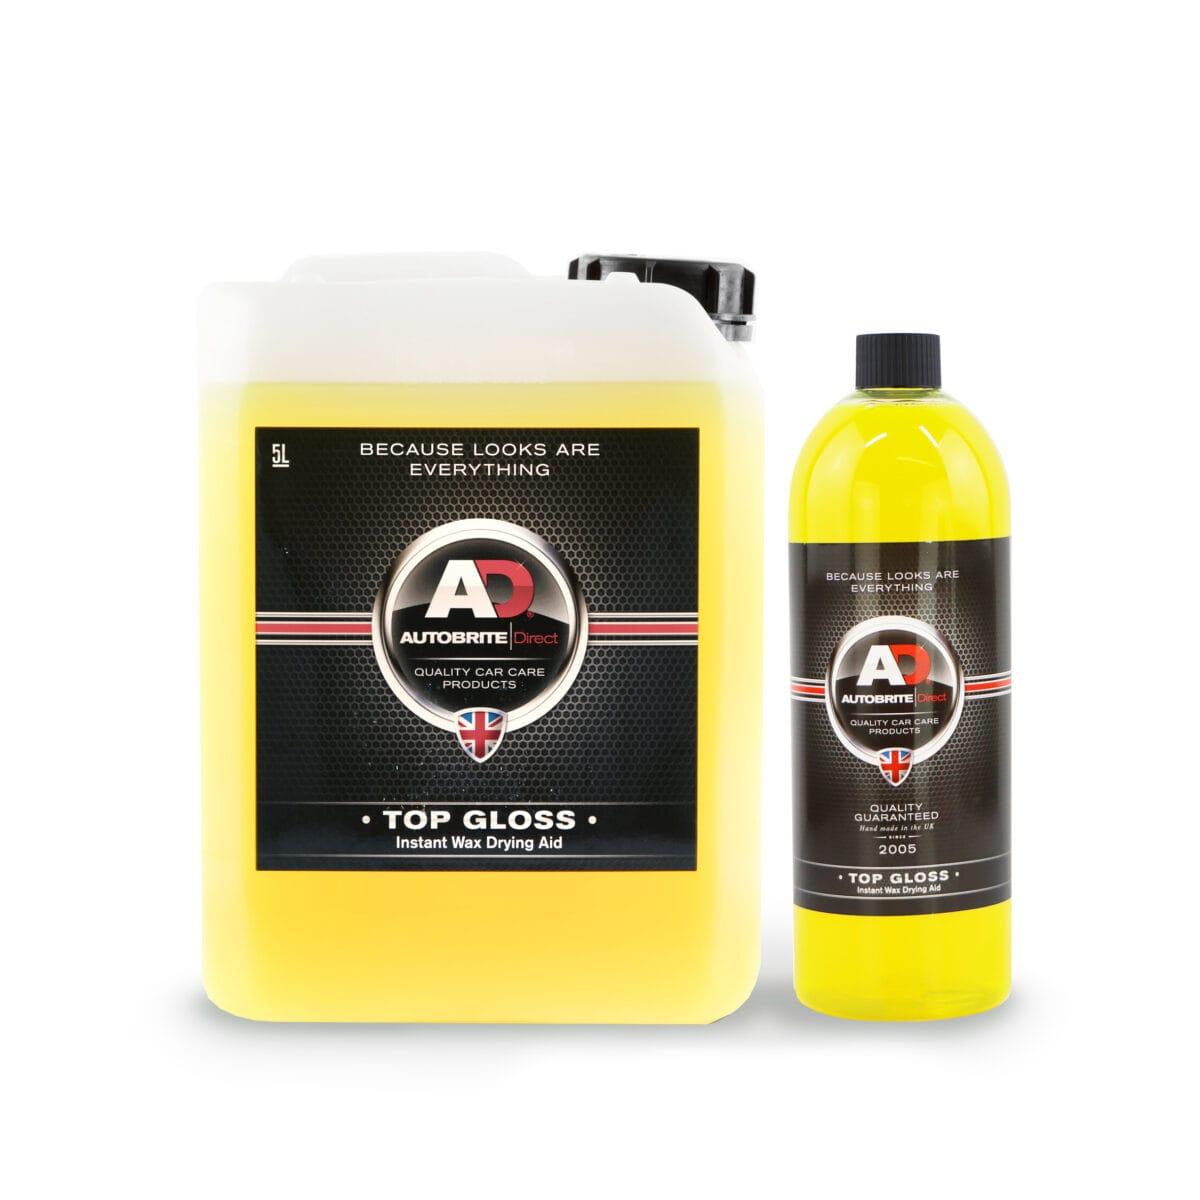 top gloss car wax drying aid